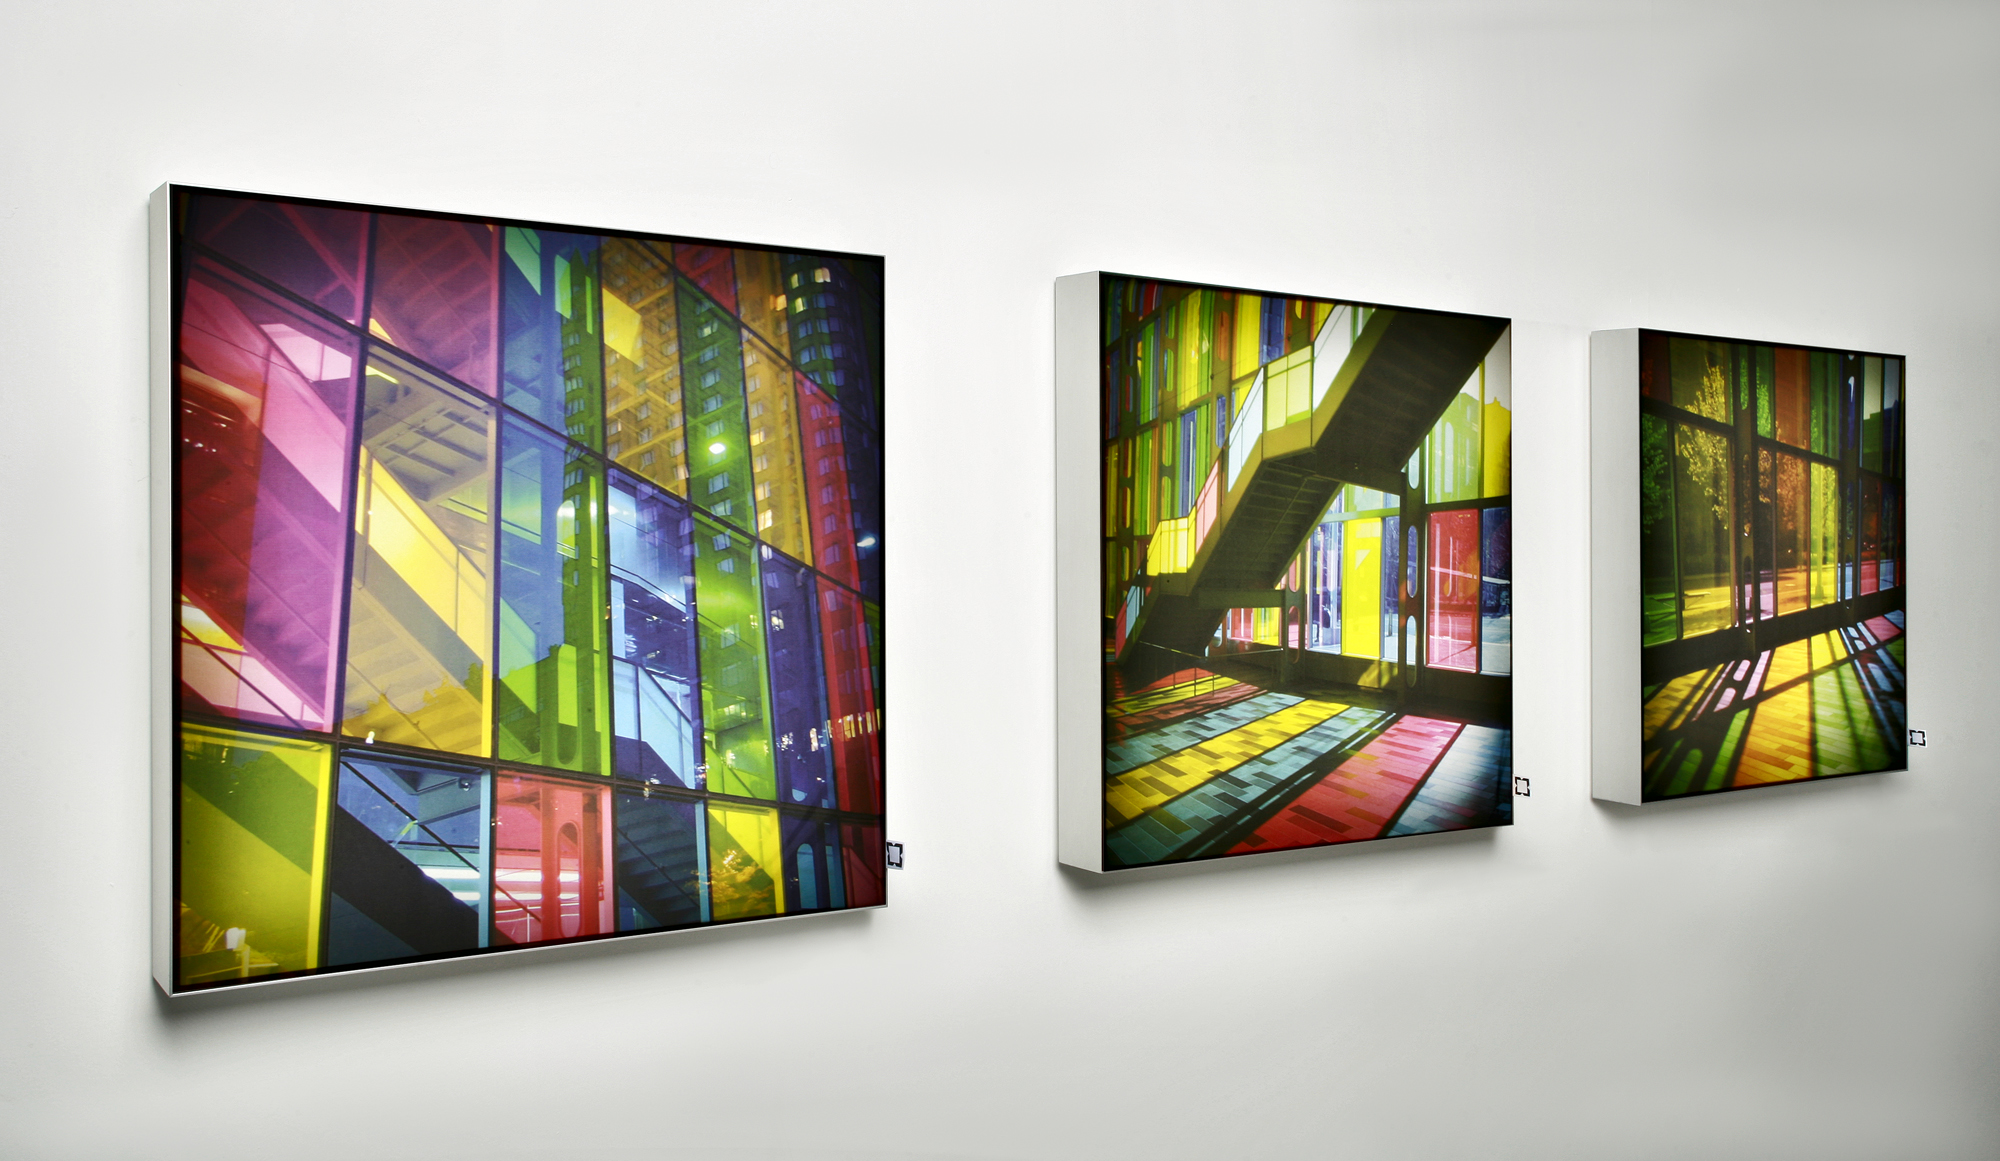 Frame 59 LED Lightboxes